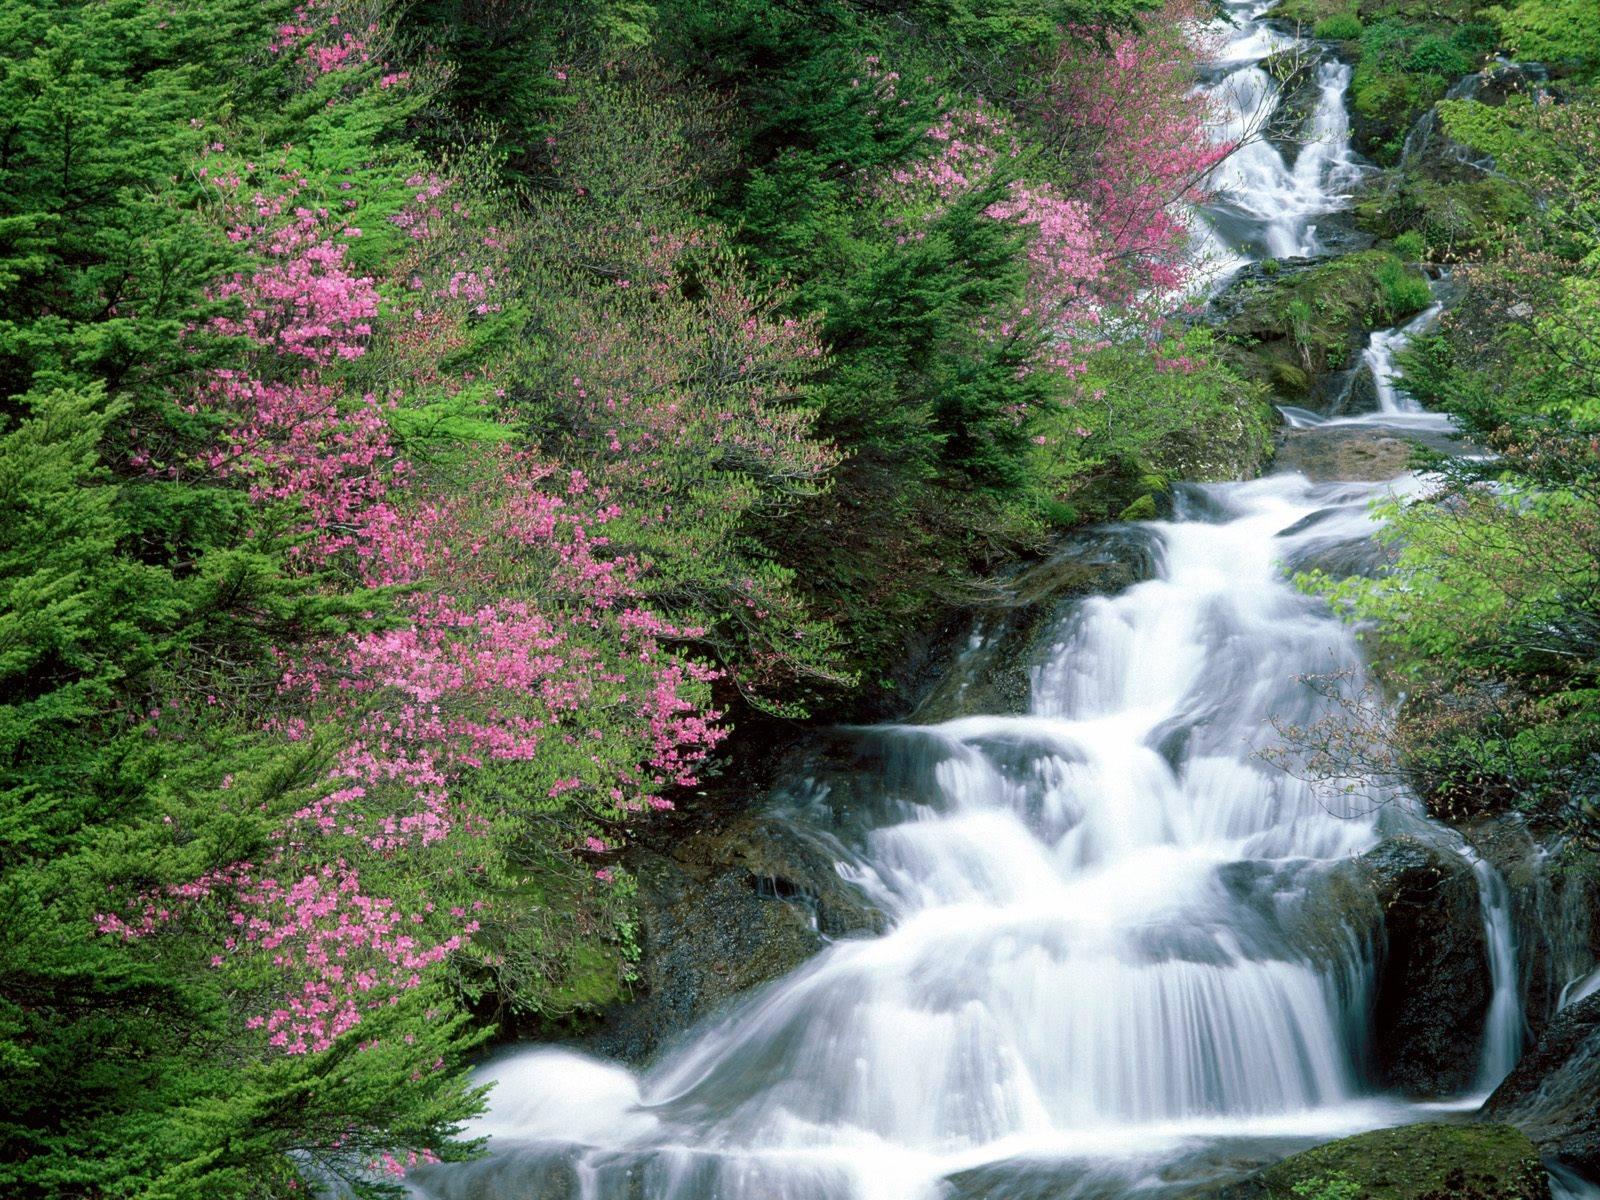 waterfalls photos Waterfalls 1600x1200